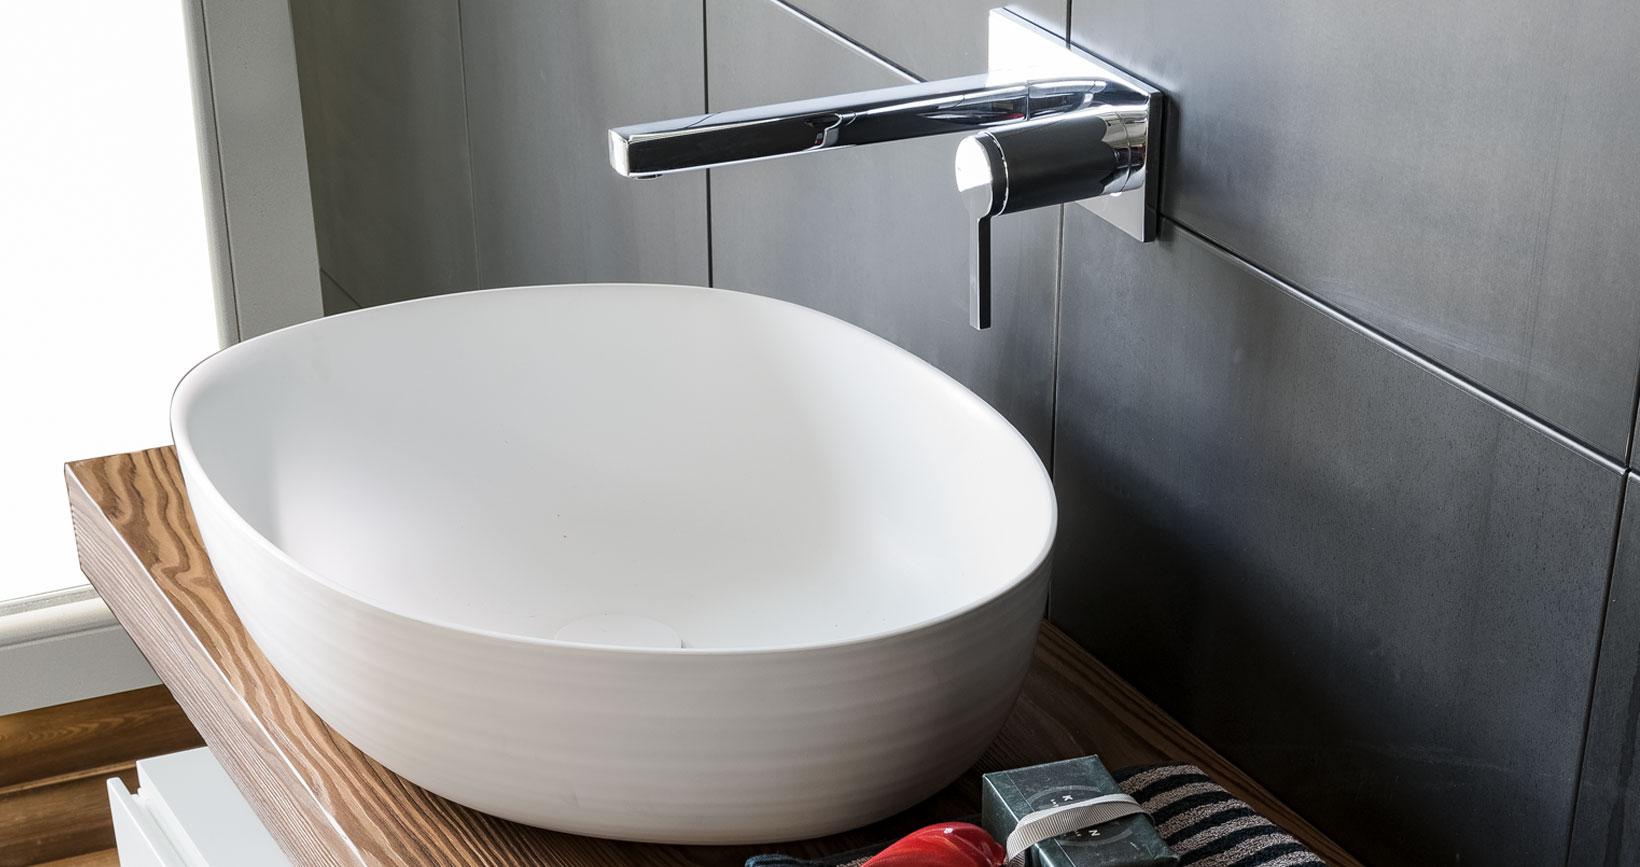 Vasca Da Bagno Dwg : Lavabi da appoggio dwg collezione linea lavabi olympia ceramica